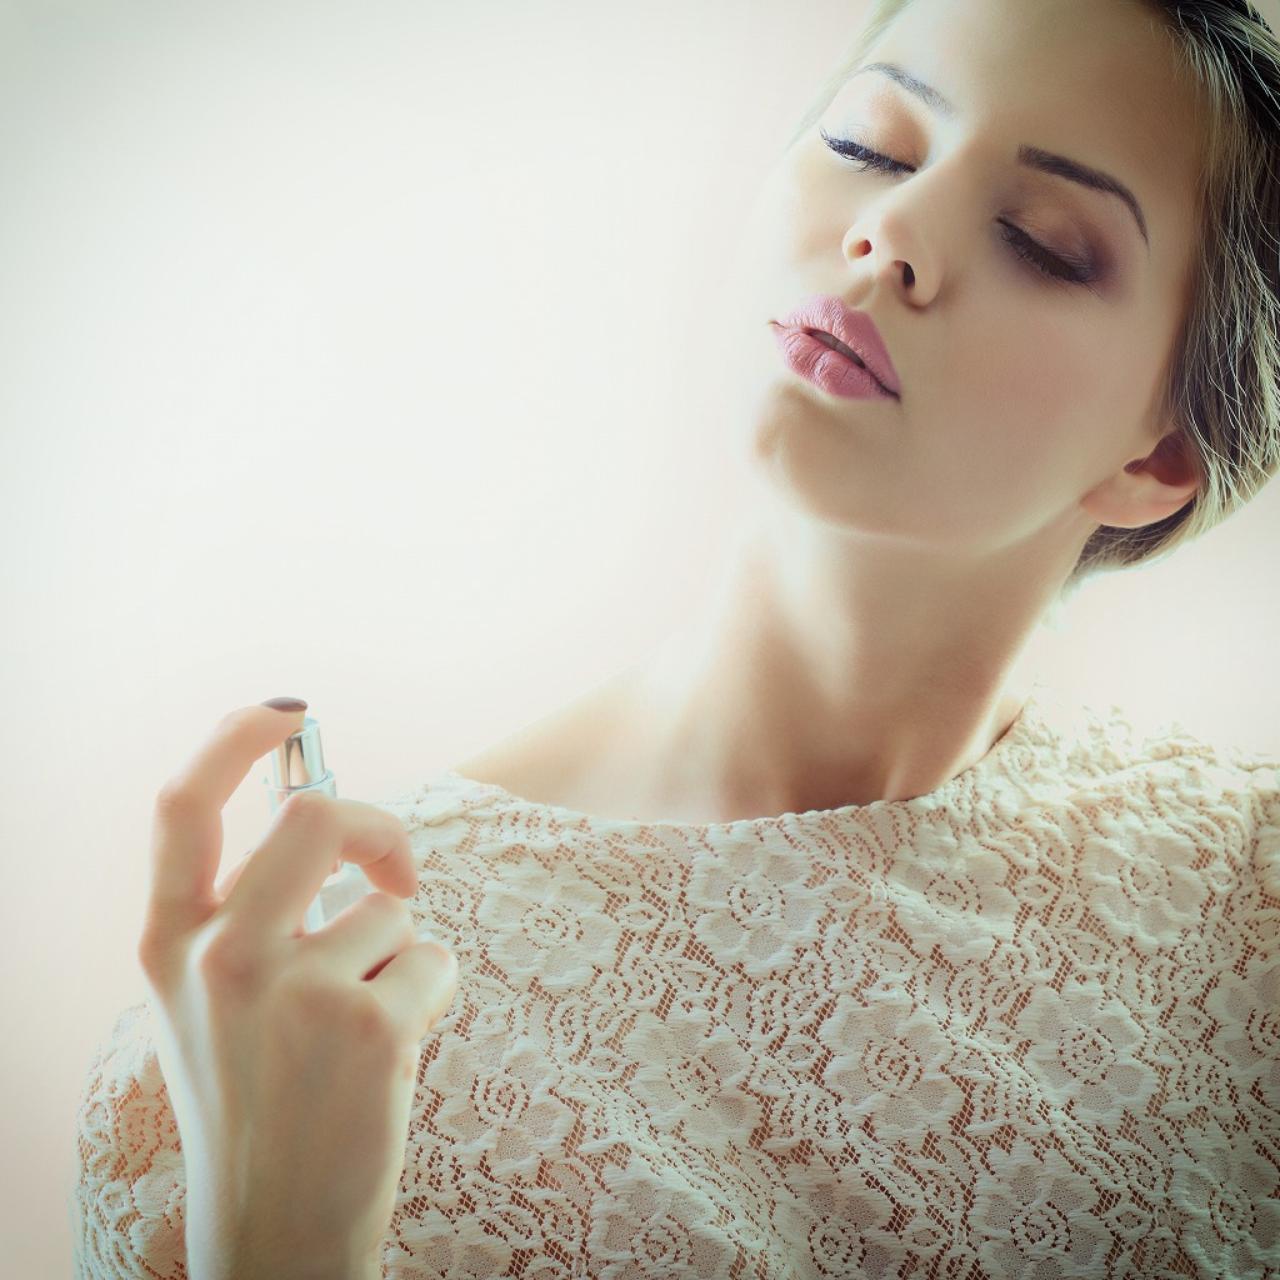 画像: 香りだけじゃない!ローズの香りが女性を美しくする科学的根拠